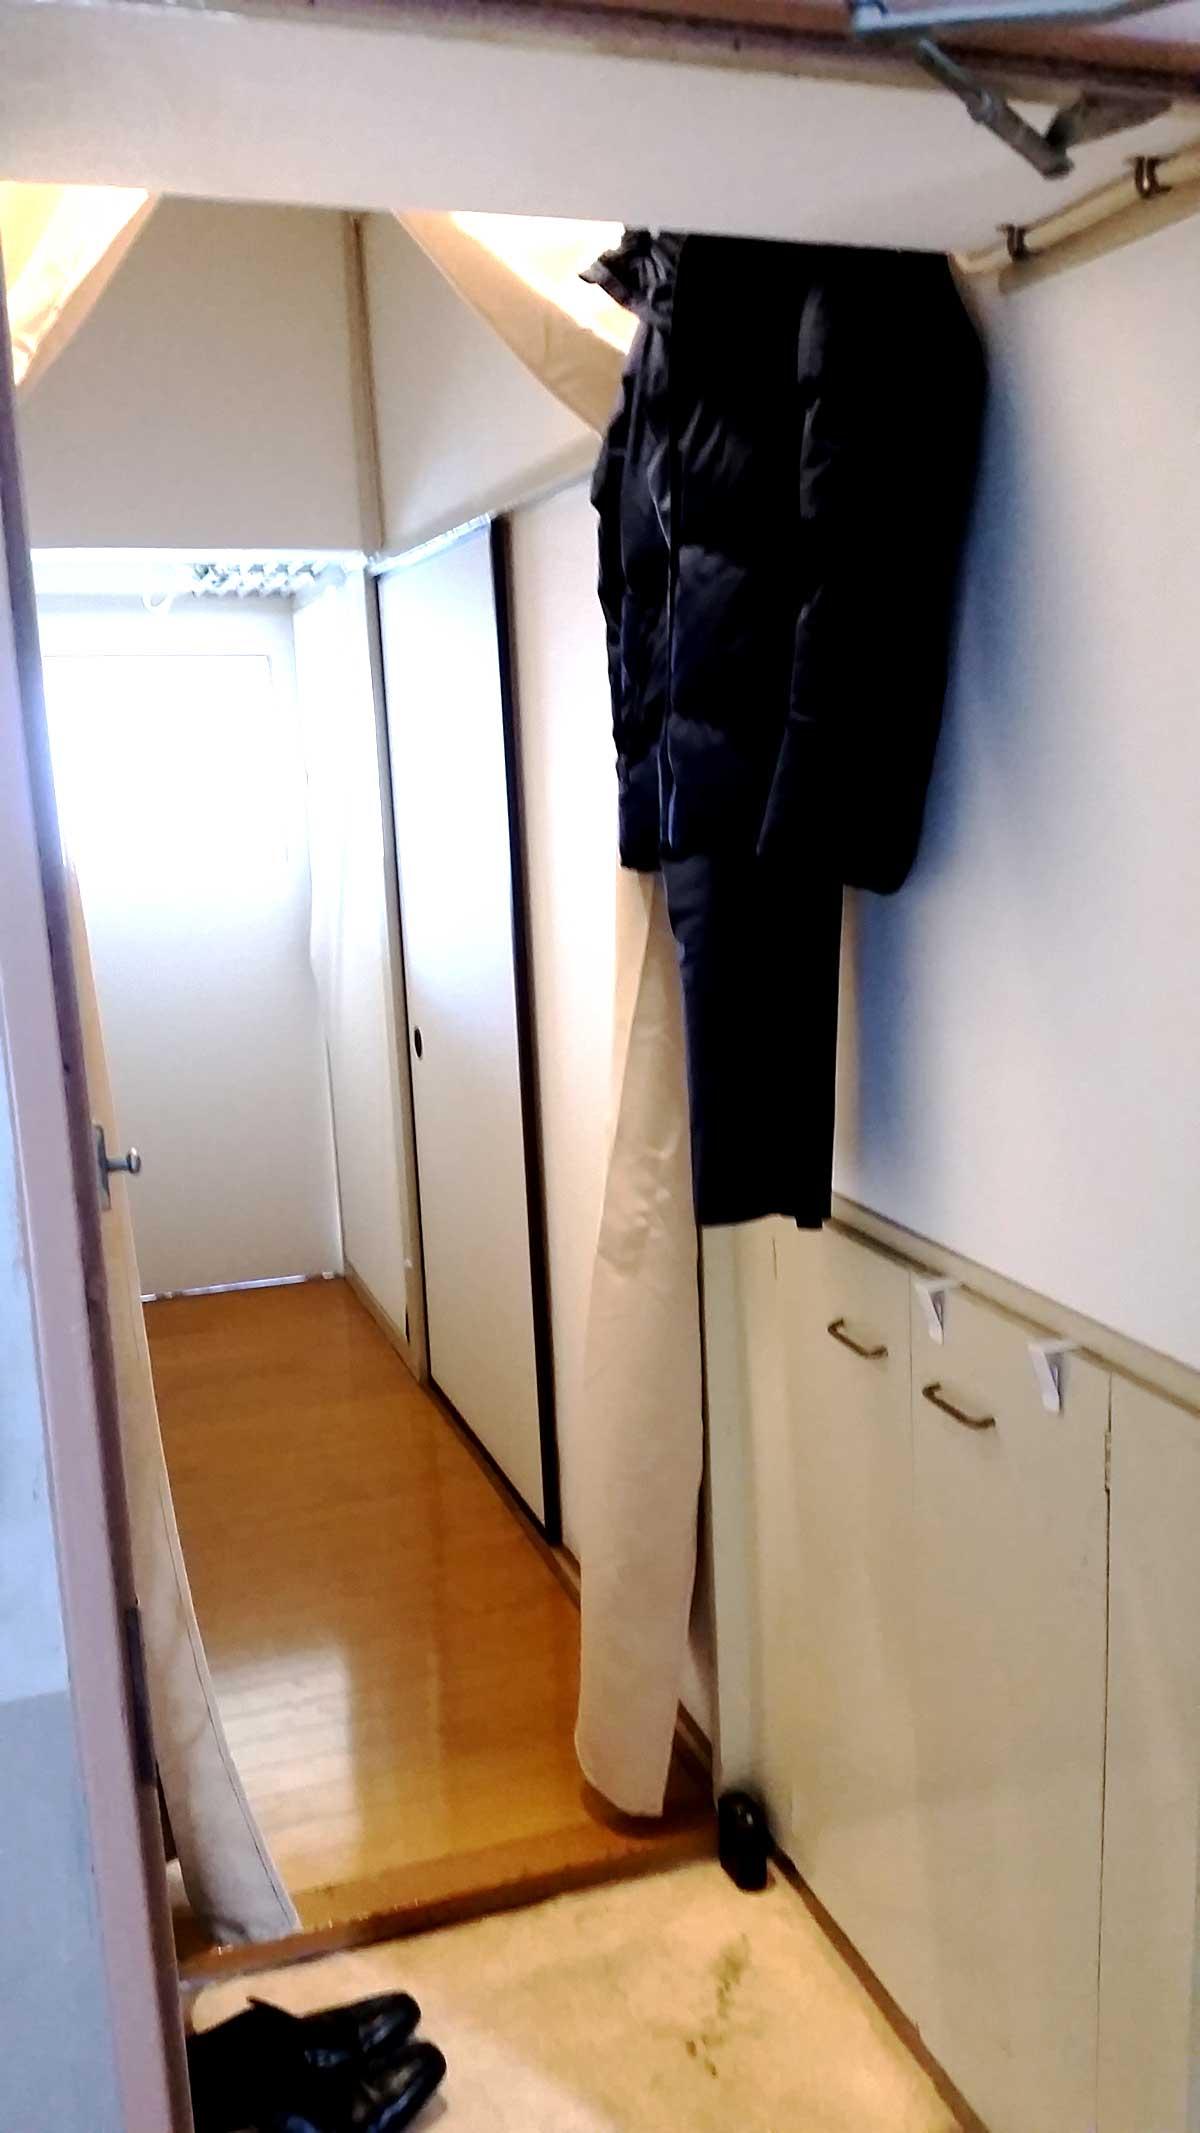 オゾン脱臭機を玄関に置いて除菌室を実現しよう